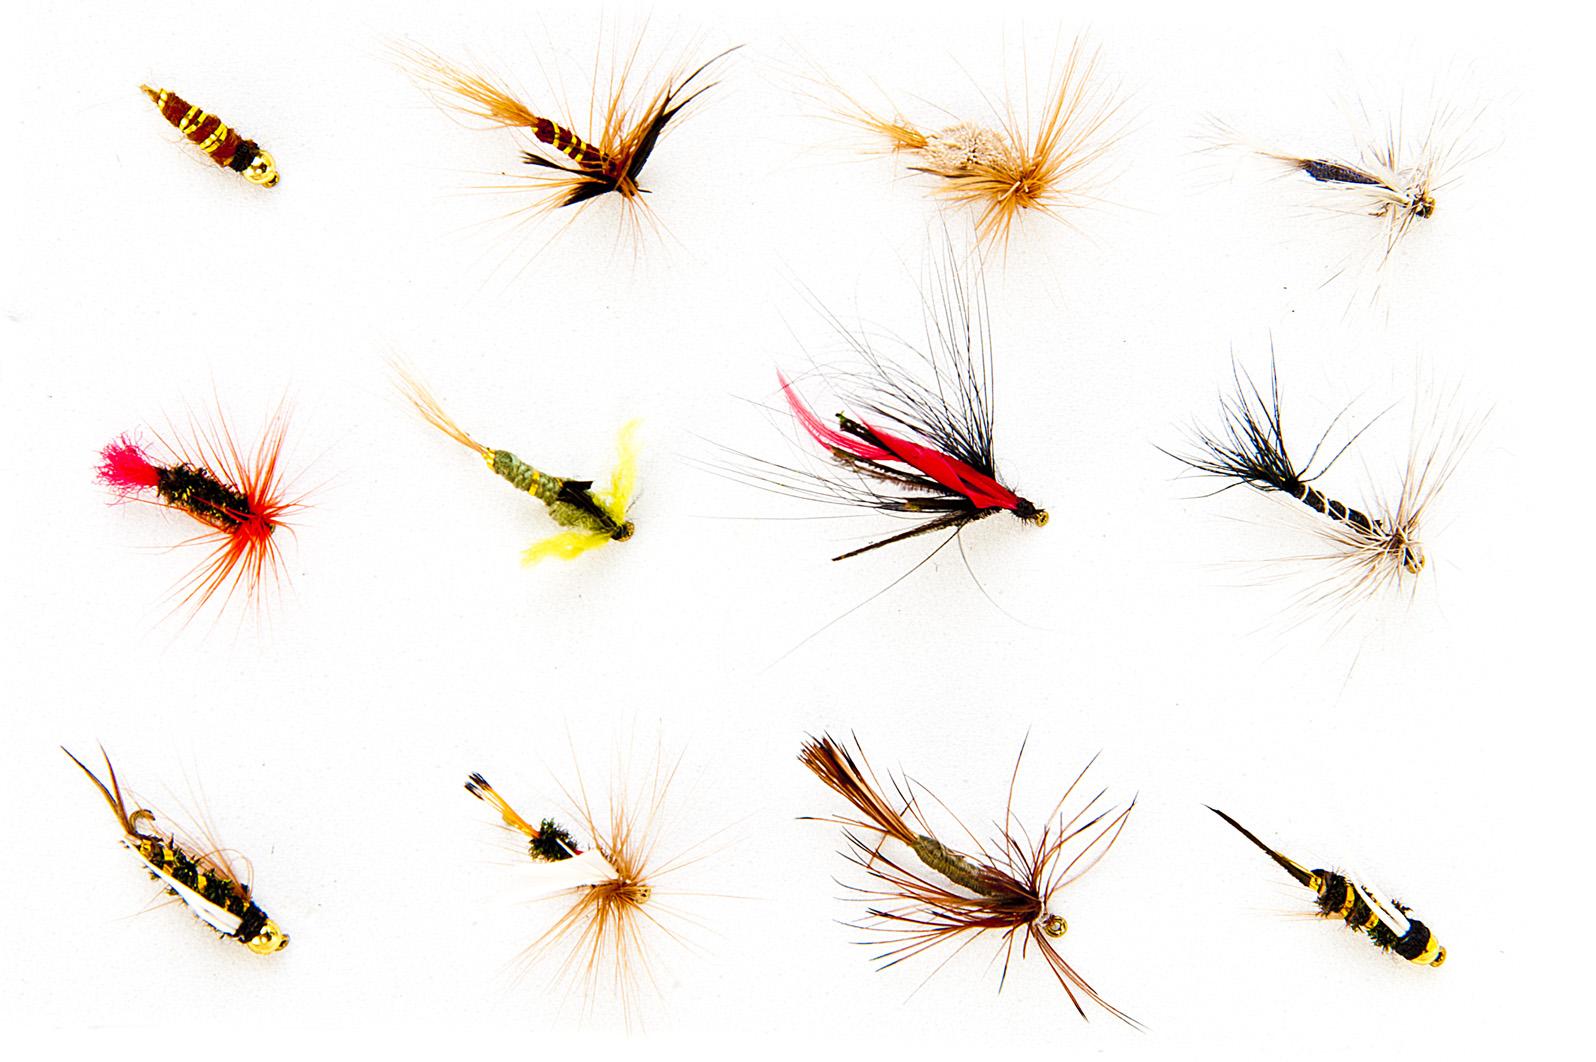 5 x Trockenfliegen Set Nassfliegen Fliegenfischen Fliegen Streamer Angelfliegen